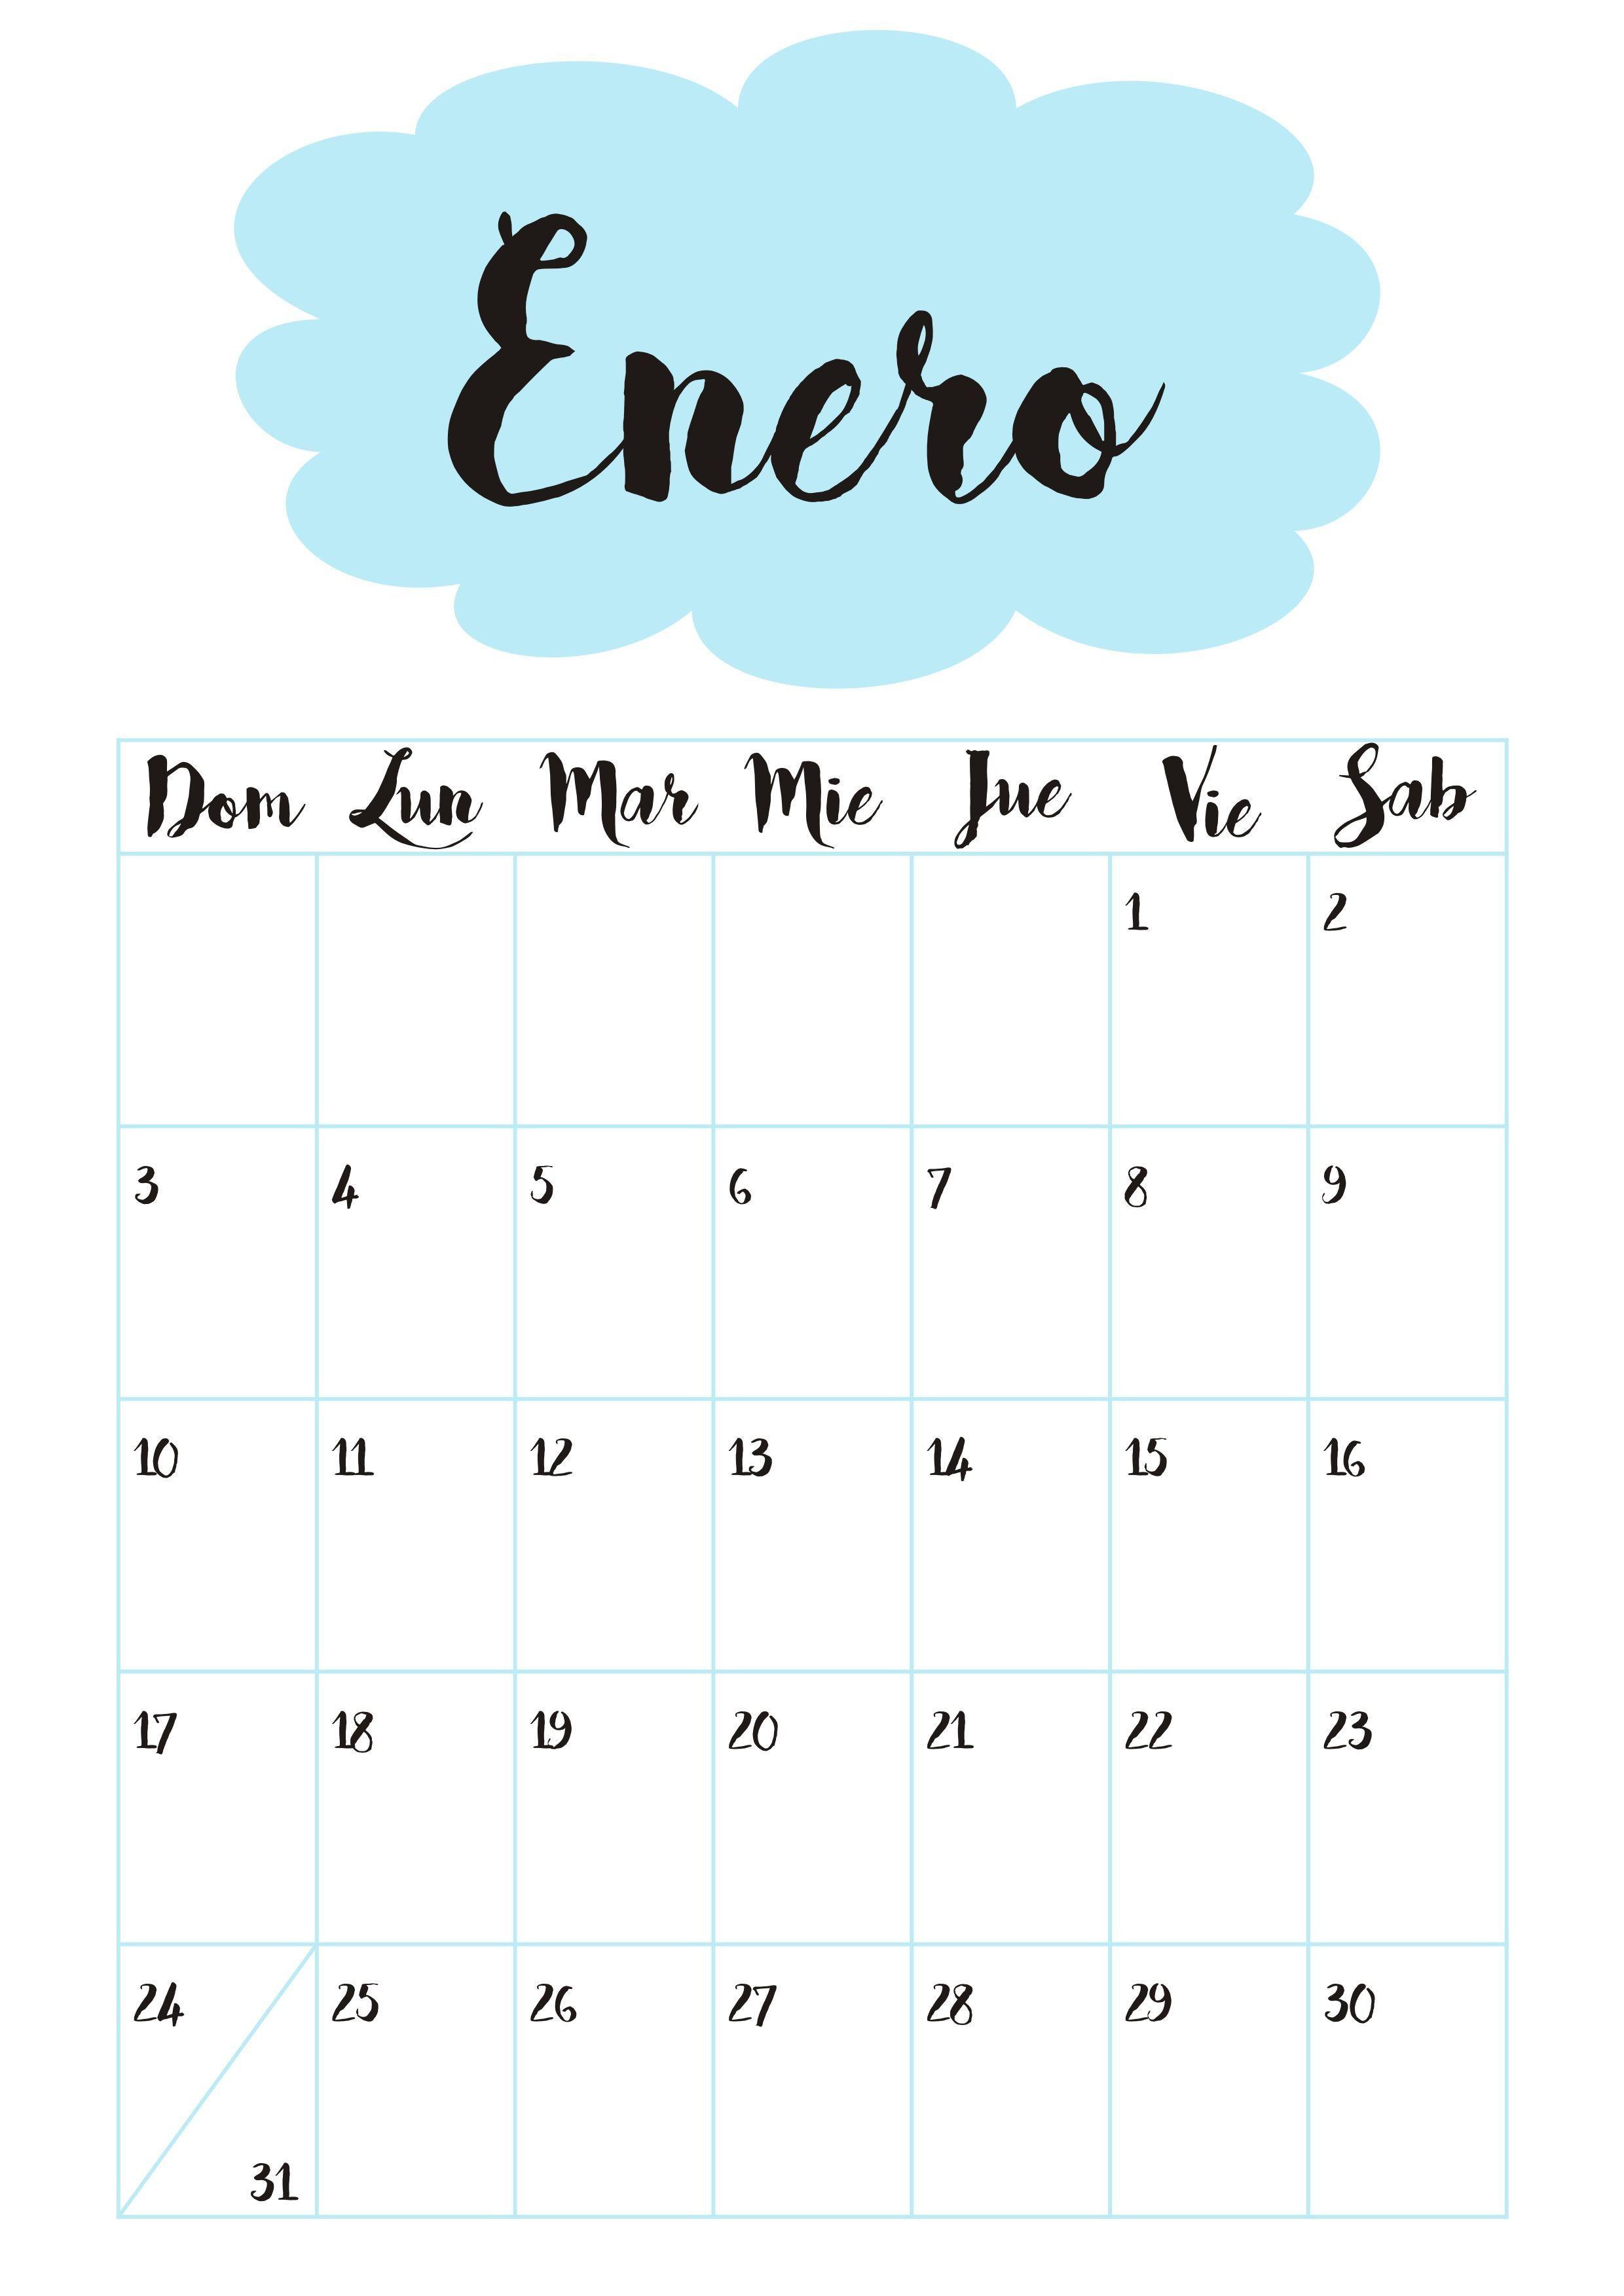 Calendario 2019 Colombia Editable Más Recientes Calendario 1 Enero ☼ Calendari 2019 D Pinterest Of Calendario 2019 Colombia Editable Más Recientes Calendario 2017 Para Imprimir Icalendario Net – the Newninthprecinct